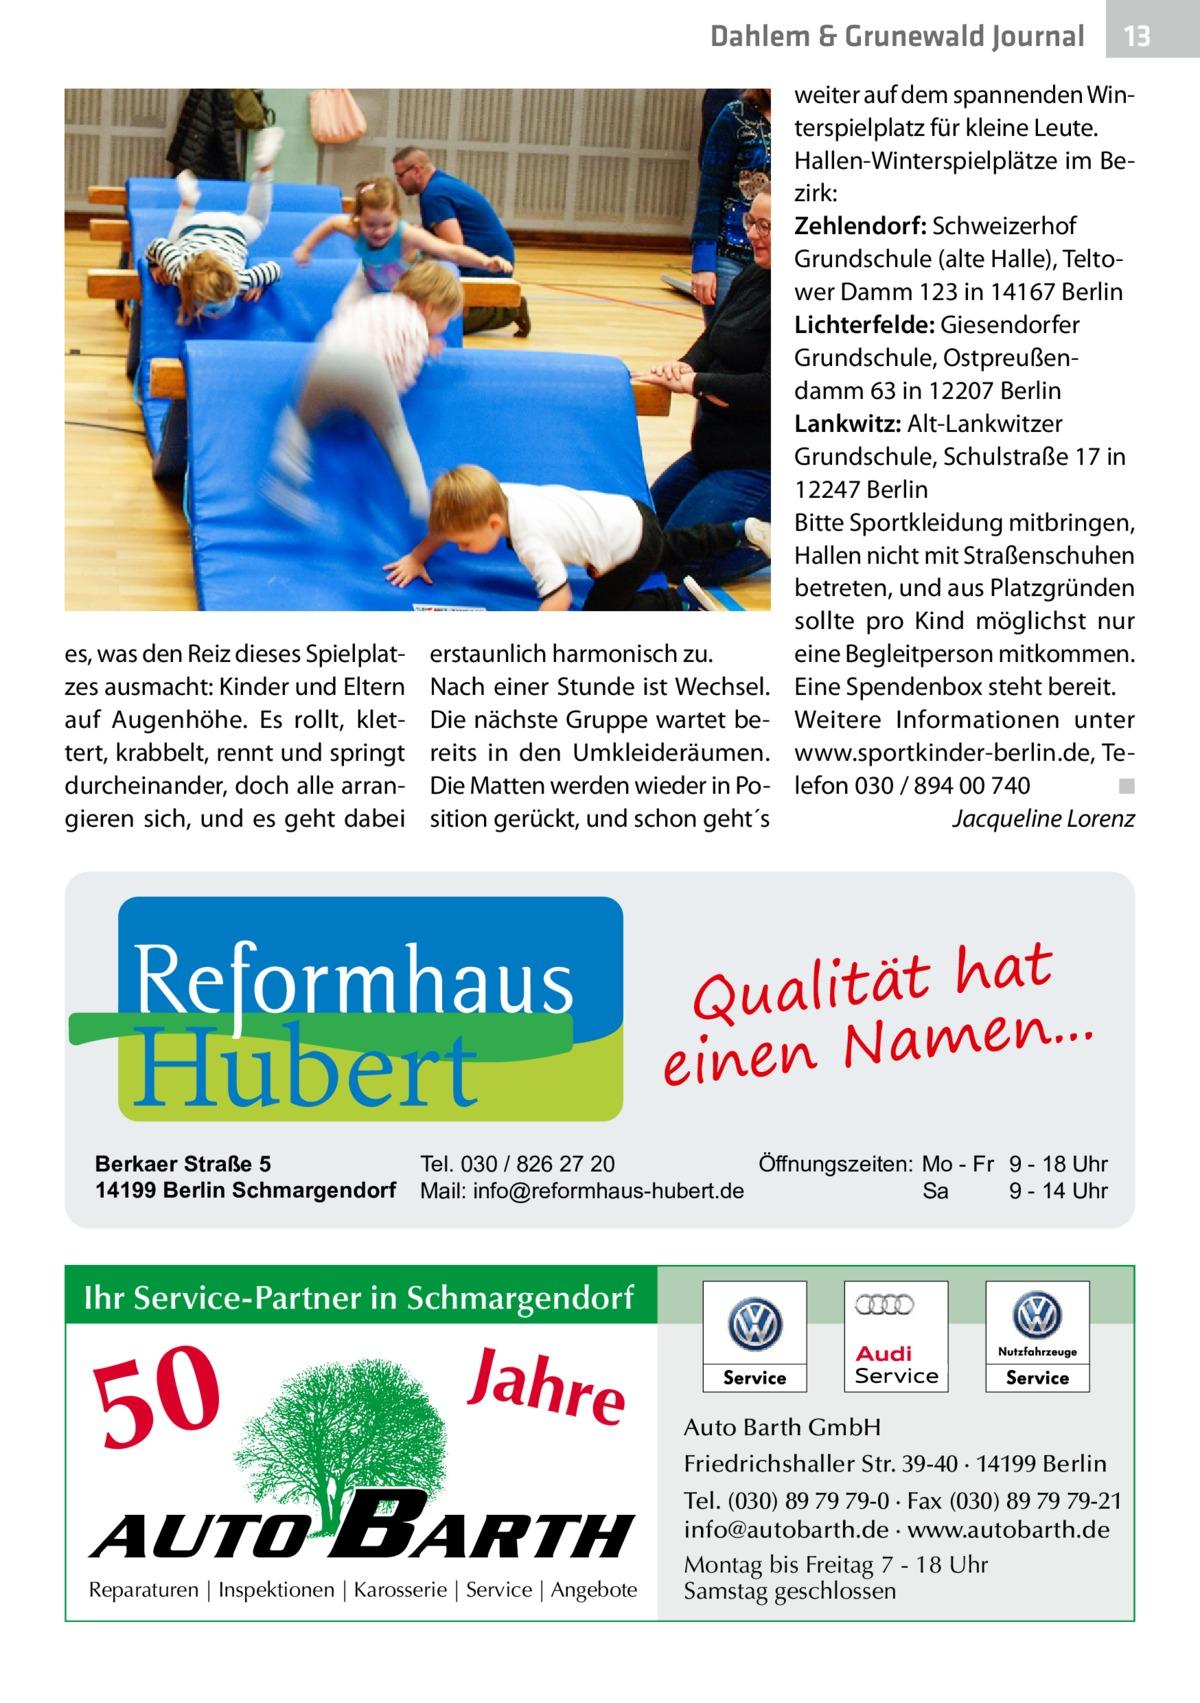 Dahlem & Grunewald Journal  es, was den Reiz dieses Spielplatzes ausmacht: Kinder und Eltern auf Augenhöhe. Es rollt, klettert, krabbelt, rennt und springt durcheinander, doch alle arrangieren sich, und es geht dabei  erstaunlich harmonisch zu. Nach einer Stunde ist Wechsel. Die nächste Gruppe wartet bereits in den Umkleideräumen. Die Matten werden wieder in Position gerückt, und schon geht´s  Hubert  Berkaer Straße 5 14199 Berlin Schmargendorf  weiter auf dem spannenden Winterspielplatz für kleine Leute. Hallen-Winterspielplätze im Bezirk: Zehlendorf: Schweizerhof Grundschule (alte Halle), Teltower Damm123 in 14167Berlin Lichterfelde: Giesendorfer Grundschule, Ostpreußendamm63 in 12207Berlin Lankwitz: Alt-Lankwitzer Grundschule, Schulstraße17 in 12247Berlin Bitte Sportkleidung mitbringen, Hallen nicht mit Straßenschuhen betreten, und aus Platzgründen sollte pro Kind möglichst nur eine Begleitperson mitkommen. Eine Spendenbox steht bereit. Weitere Informationen unter www.sportkinder-berlin.de, Telefon 030/89400740� ◾ � Jacqueline Lorenz  at Qualität h n... e einen Nam  Tel. 030 / 826 27 20 Öffnungszeiten: Mo - Fr 9 - 18 Uhr Mail: info@reformhaus-hubert.de Sa 9 - 14 Uhr  Ihr Service-Partner in Schmargendorf  50 AUTO  Jahre  BARTH  Reparaturen | Inspektionen | Karosserie | Service | Angebote  13 13  Auto Barth GmbH Friedrichshaller Str. 39-40 · 14199 Berlin Tel. (030) 89 79 79-0 · Fax (030) 89 79 79-21 info@autobarth.de · www.autobarth.de Montag bis Freitag 7 - 18 Uhr Samstag geschlossen